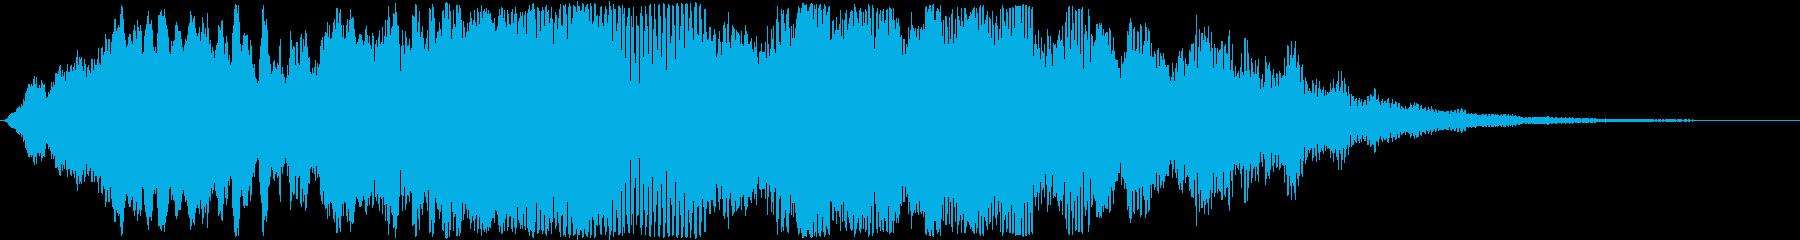 怖い系効果音 ピヒャー 尺八怖い系の再生済みの波形